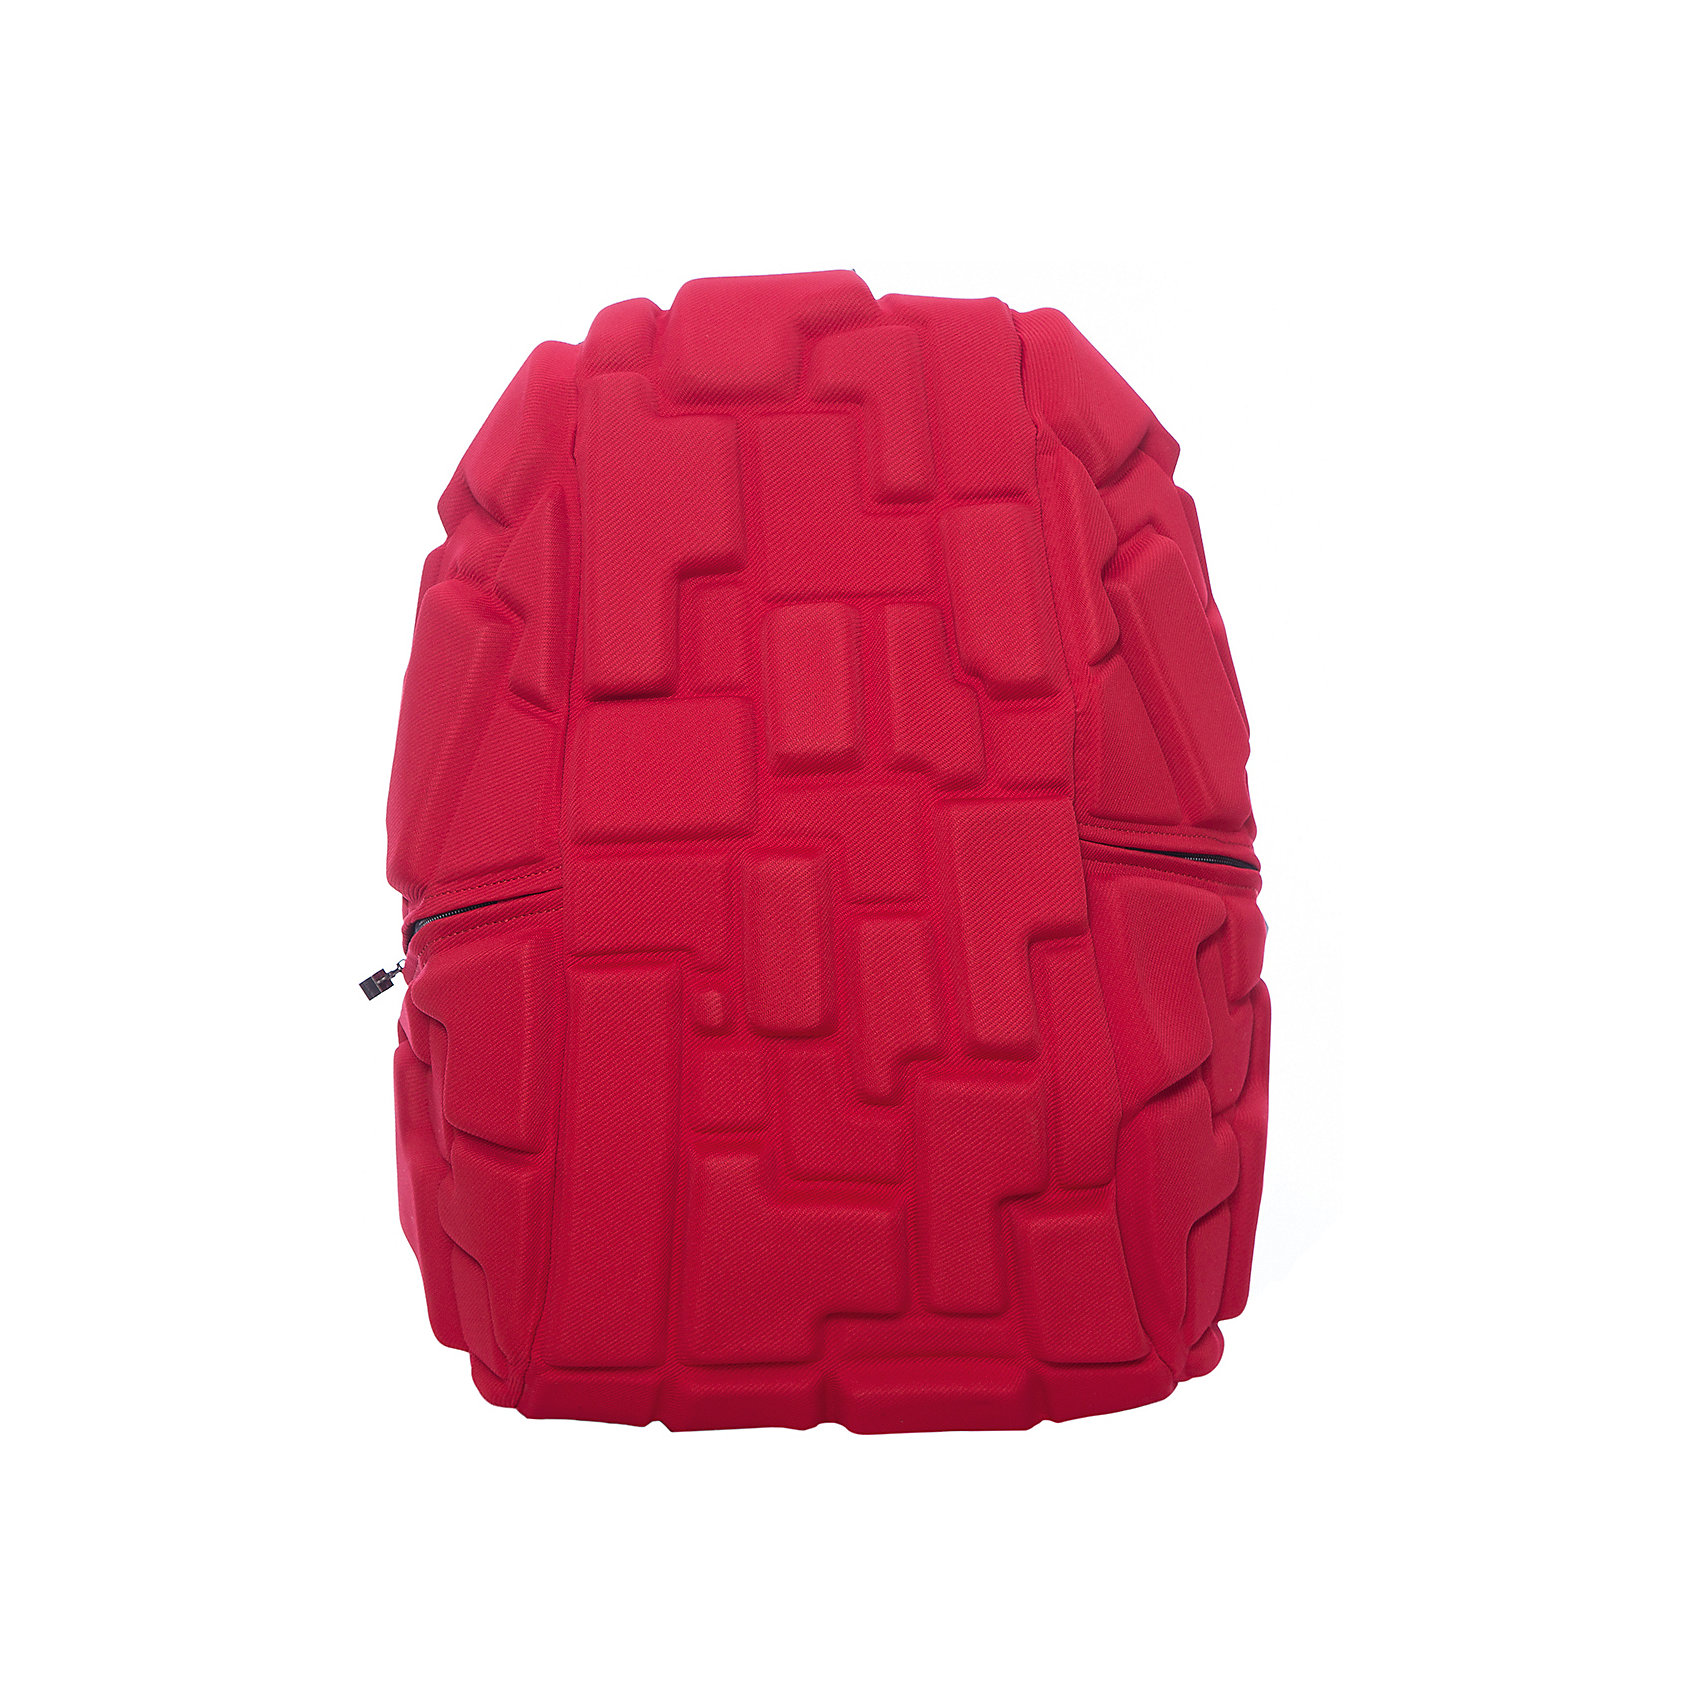 Рюкзак Blok Full, цвет 4-Alarm Fire! (красный)Рюкзаки<br>Вес: 0,8 кг<br>Размер: 46х35х20 см<br>Состав: рюкзак<br>Наличие светоотражающих элементов: нет<br>Материал: полиспандекс<br><br>Ширина мм: 460<br>Глубина мм: 350<br>Высота мм: 200<br>Вес г: 800<br>Возраст от месяцев: 60<br>Возраст до месяцев: 720<br>Пол: Унисекс<br>Возраст: Детский<br>SKU: 7054118